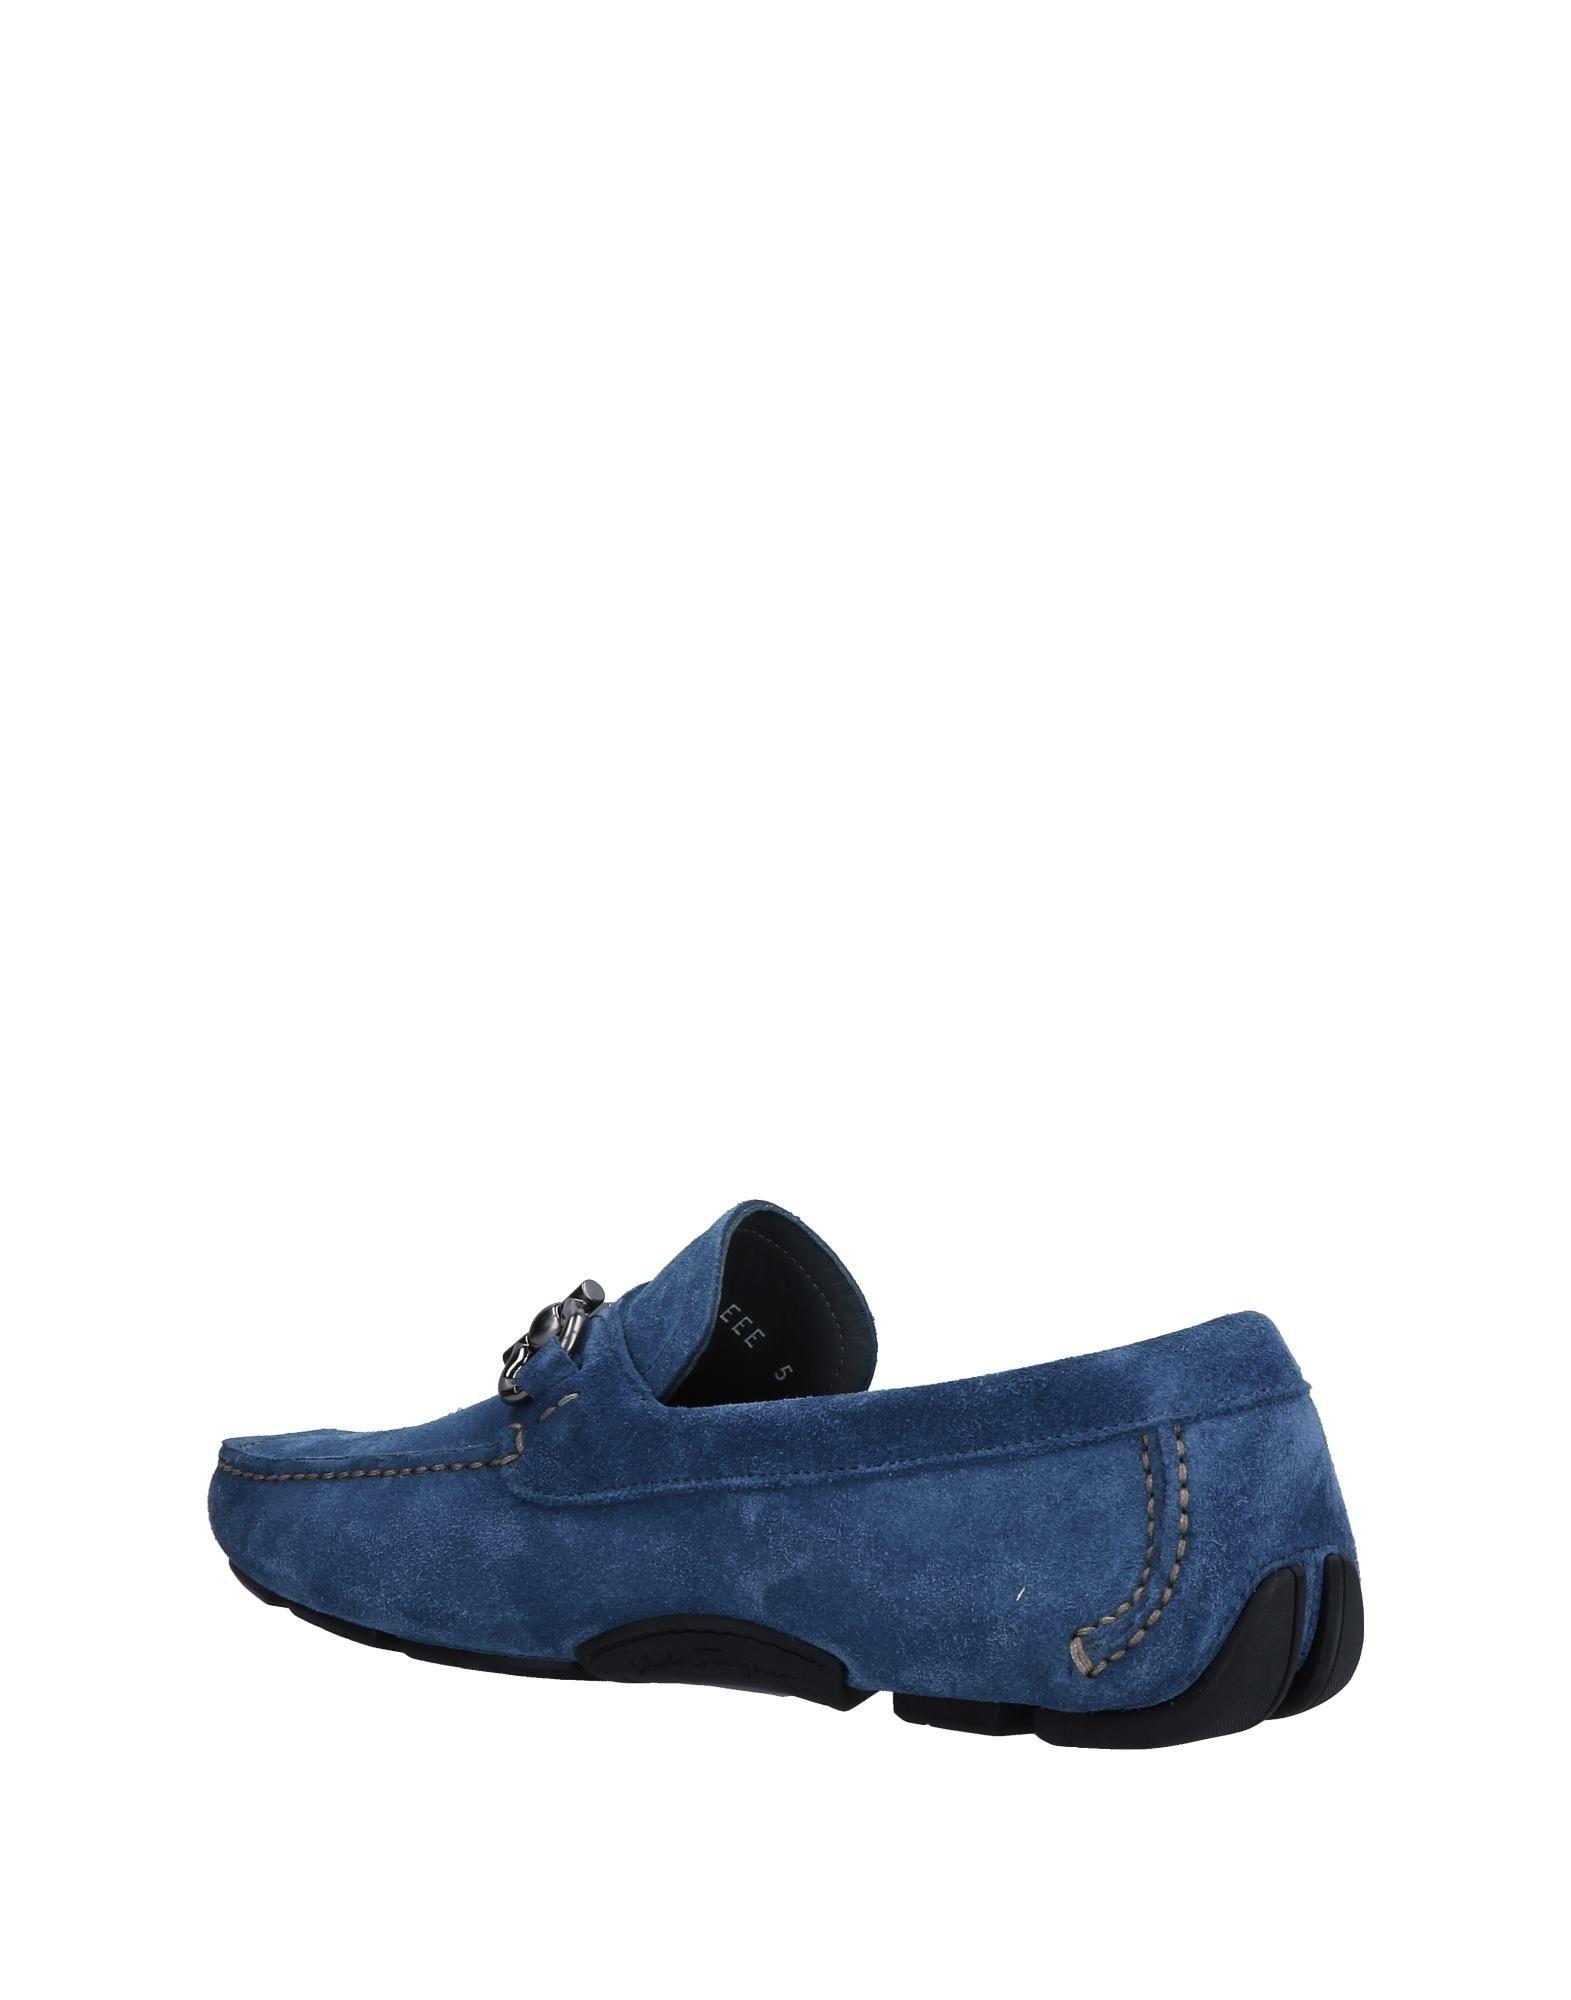 Salvatore Ferragamo Mokassins Herren  11507964ML Gute Qualität beliebte Schuhe